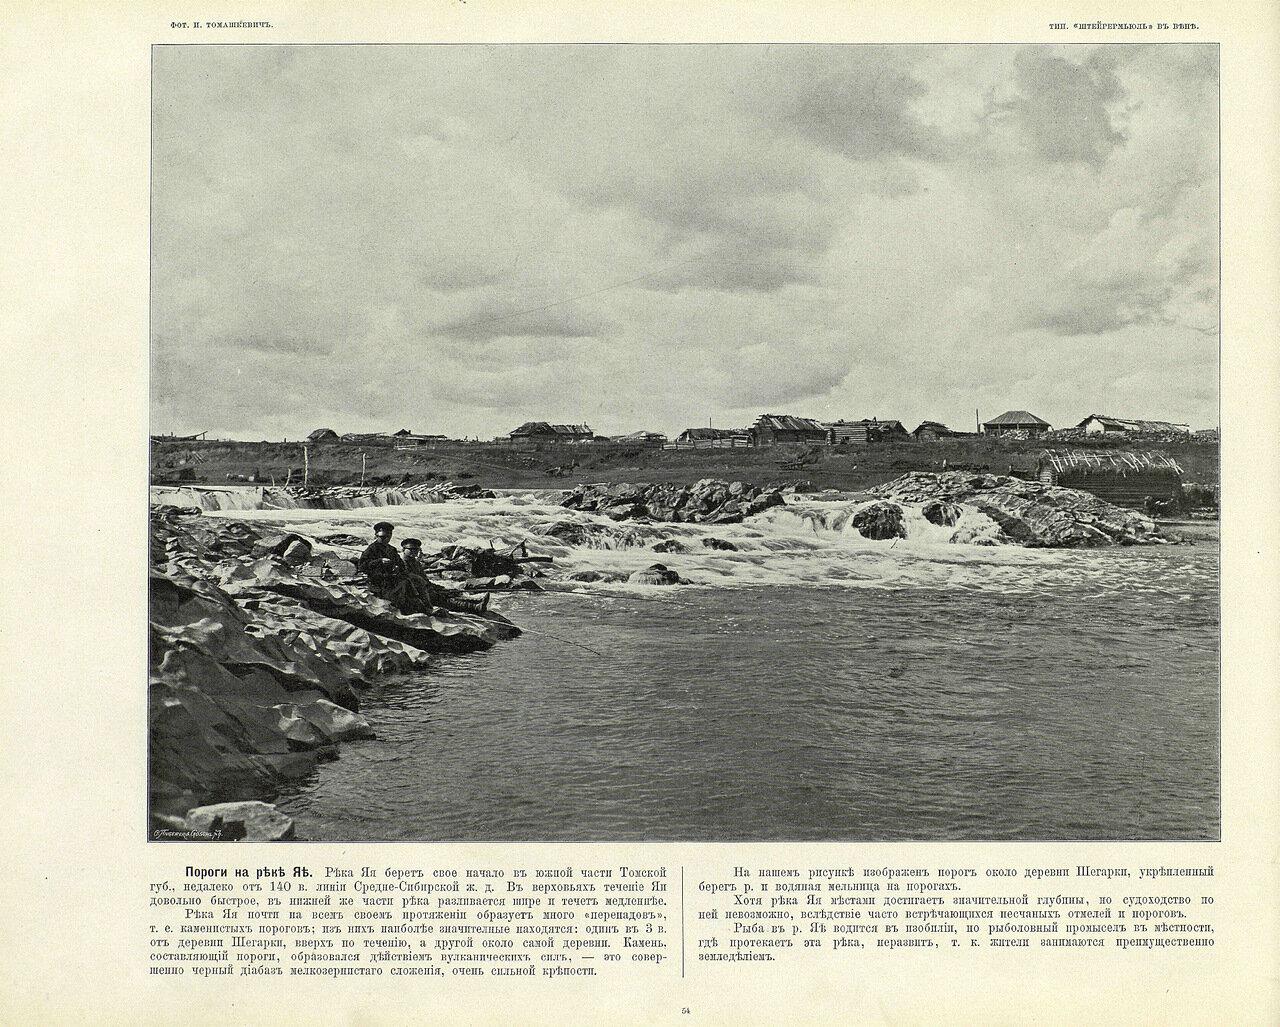 54. Пороги на реке Яе